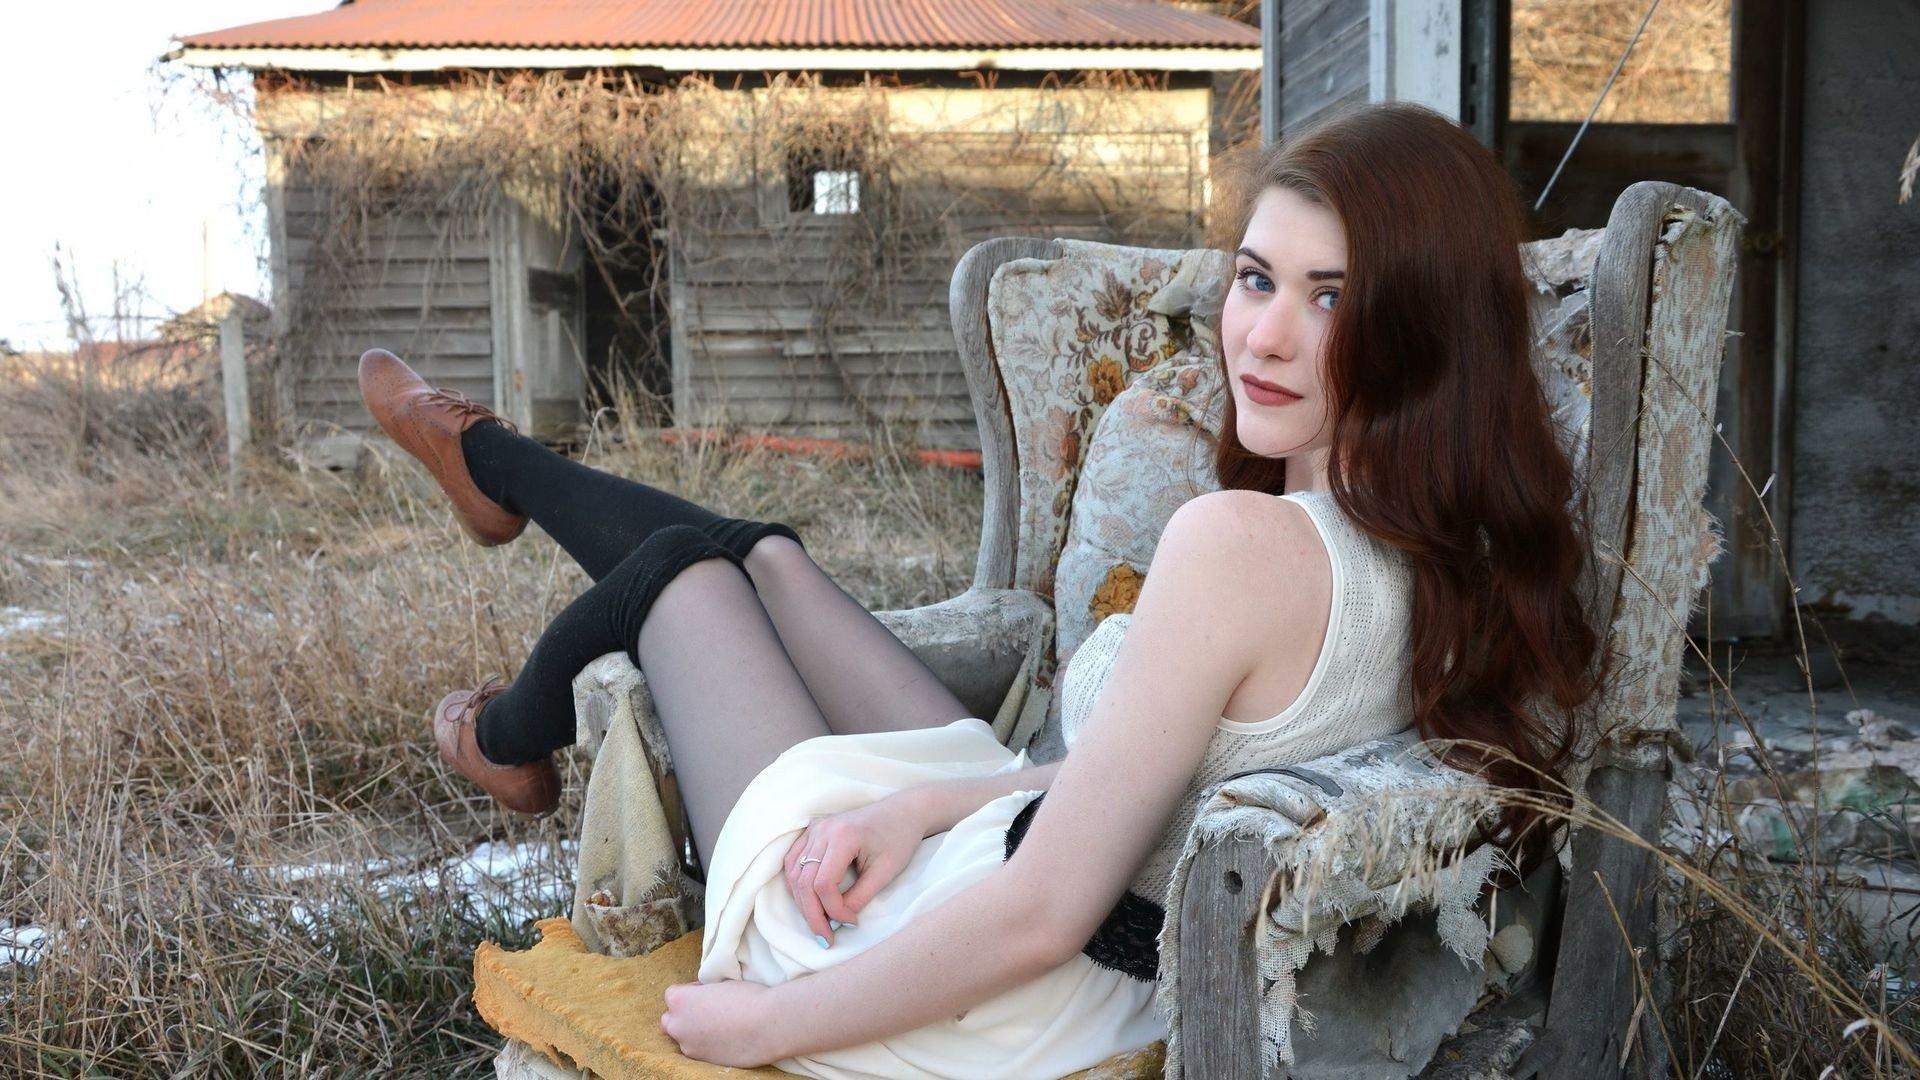 Women, Model, Brunette, Women Outdoors, Looking At Viewer -4267